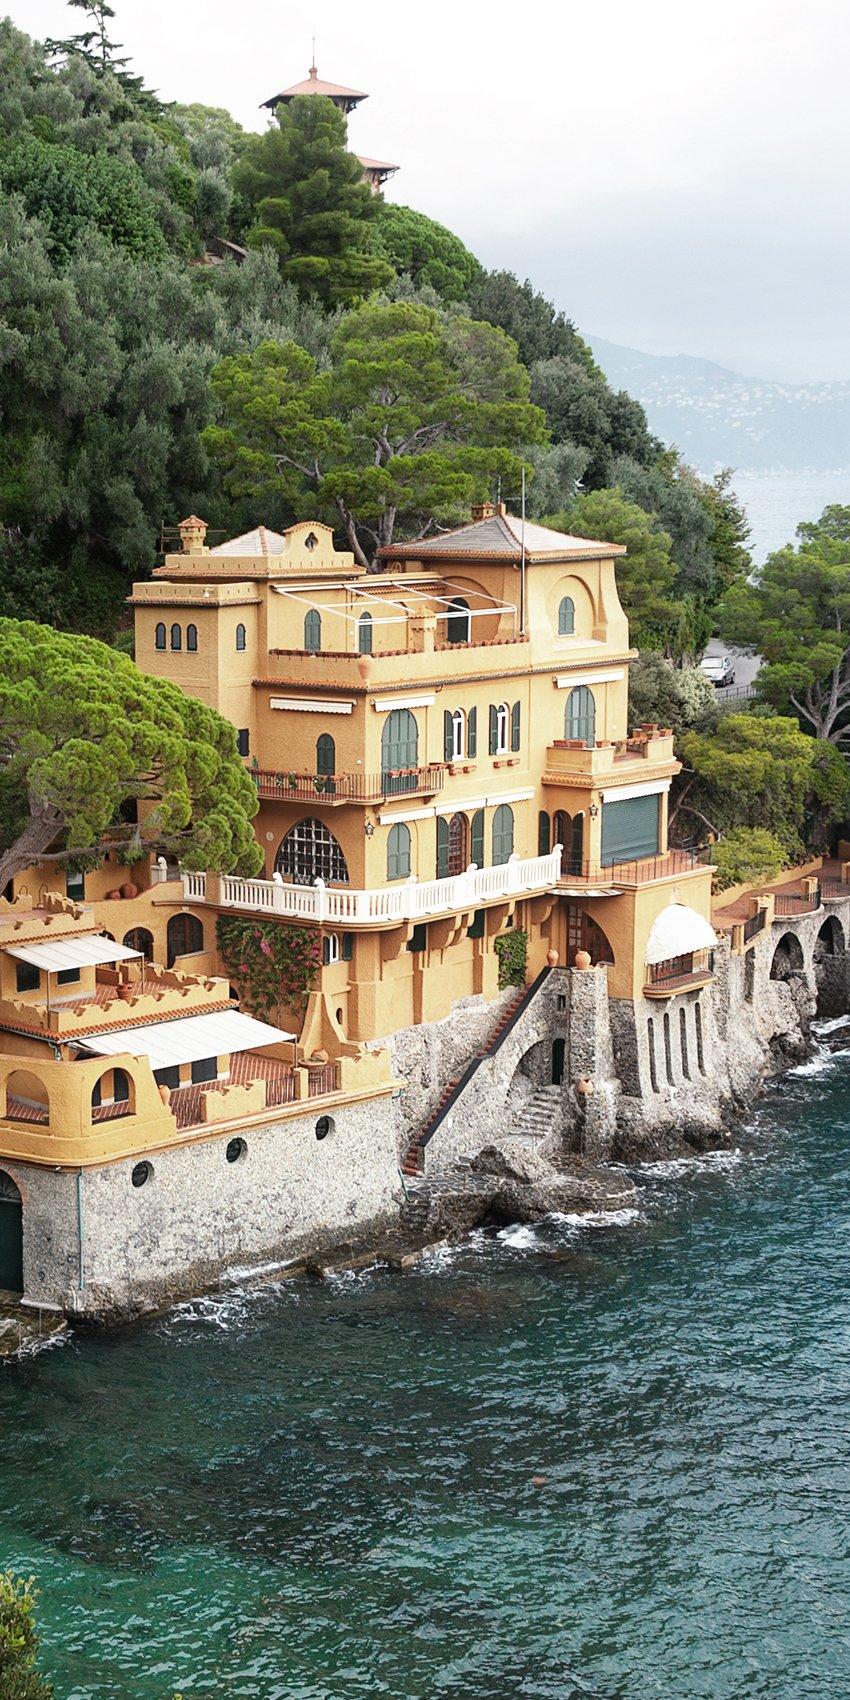 italian mansion on beach